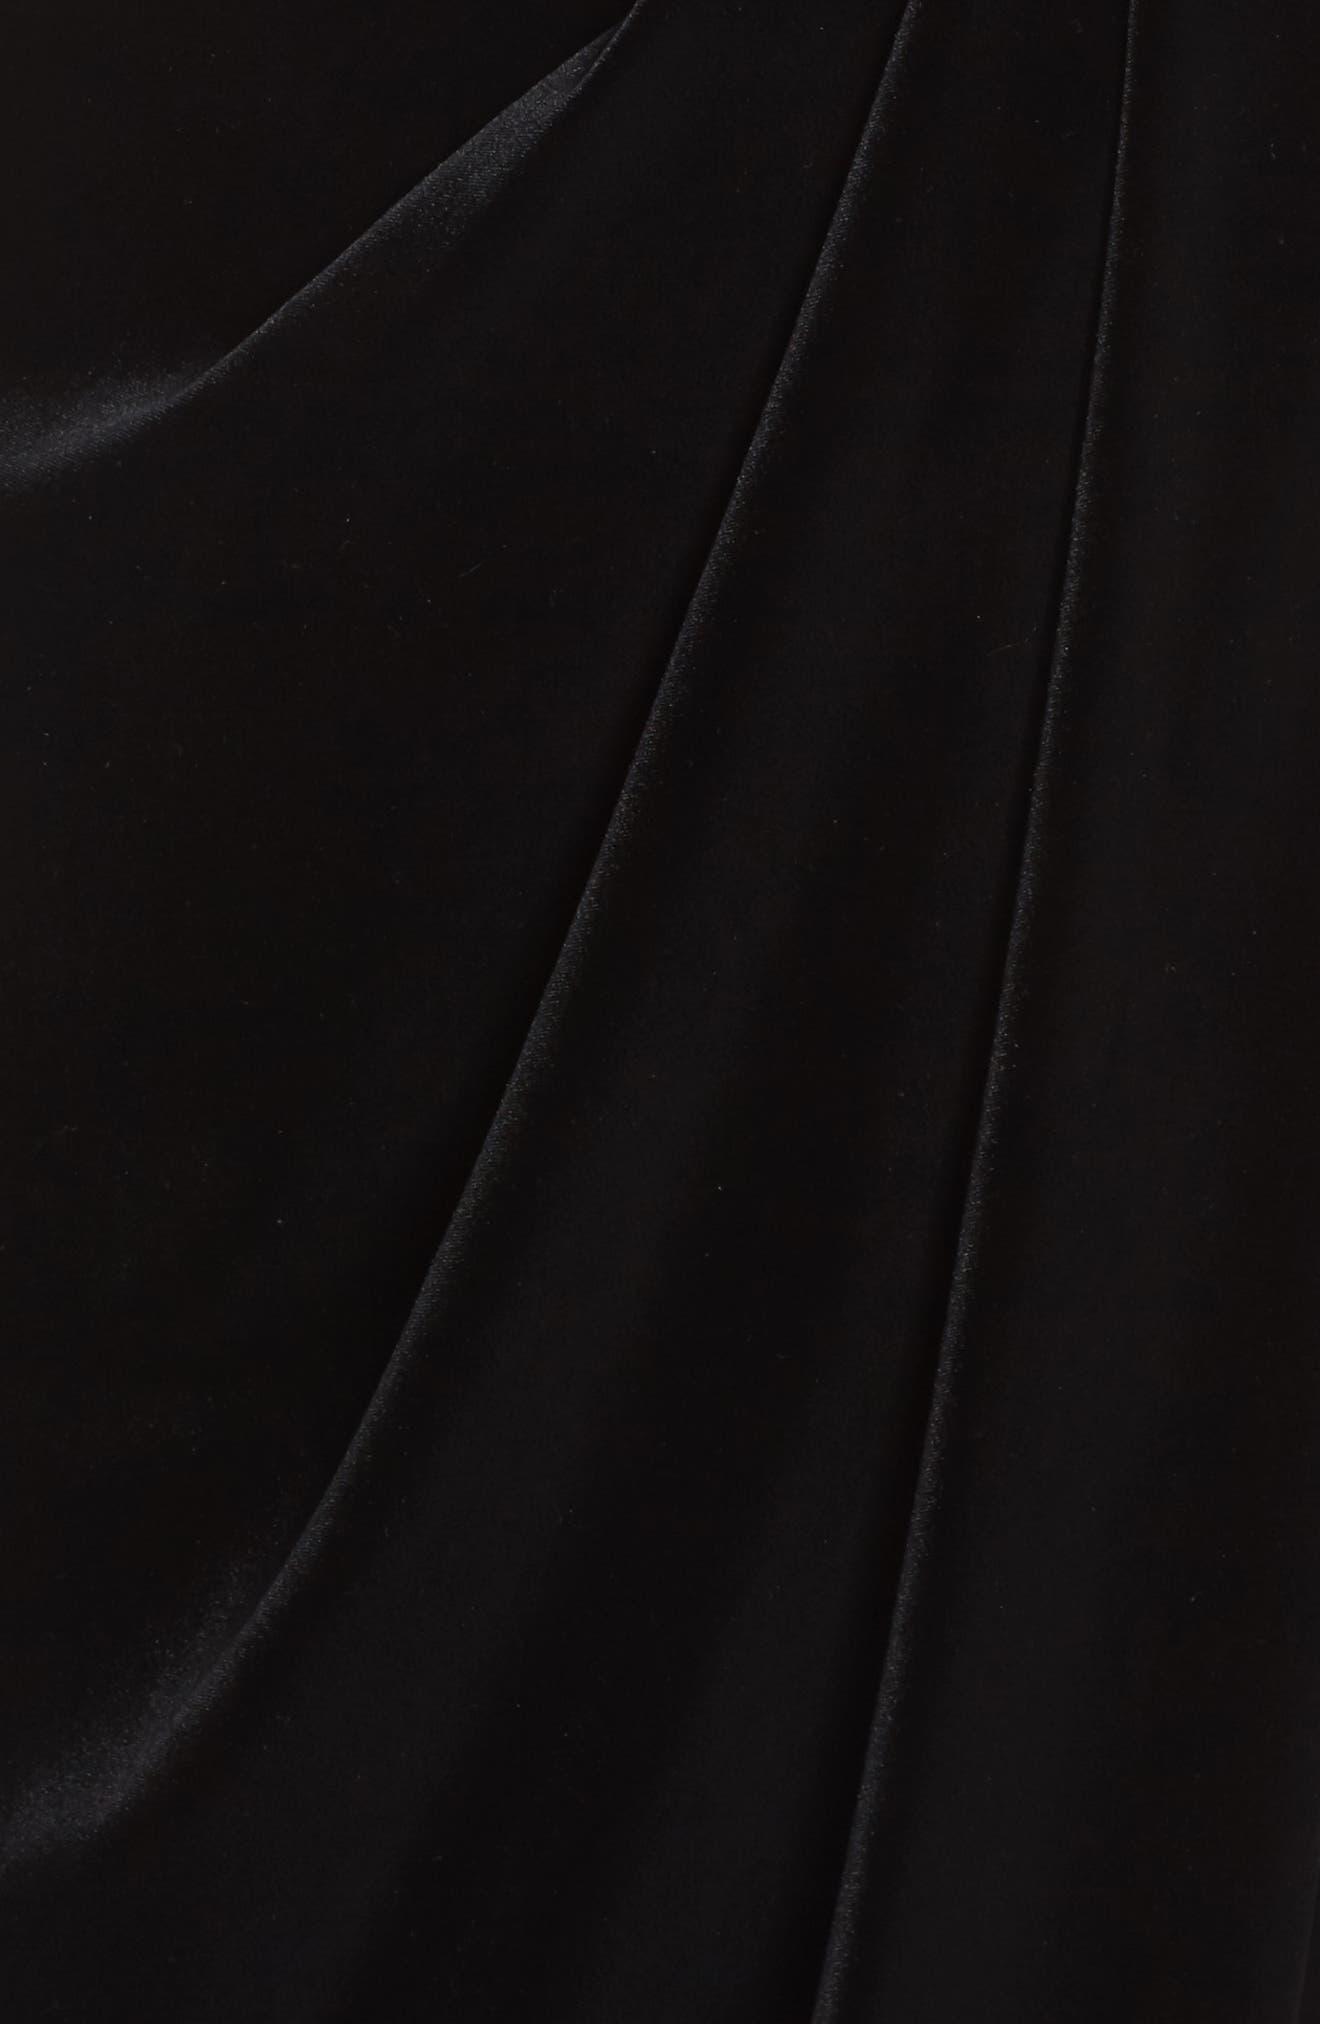 Velvet Choker Neck Wrap Dress,                             Alternate thumbnail 5, color,                             001